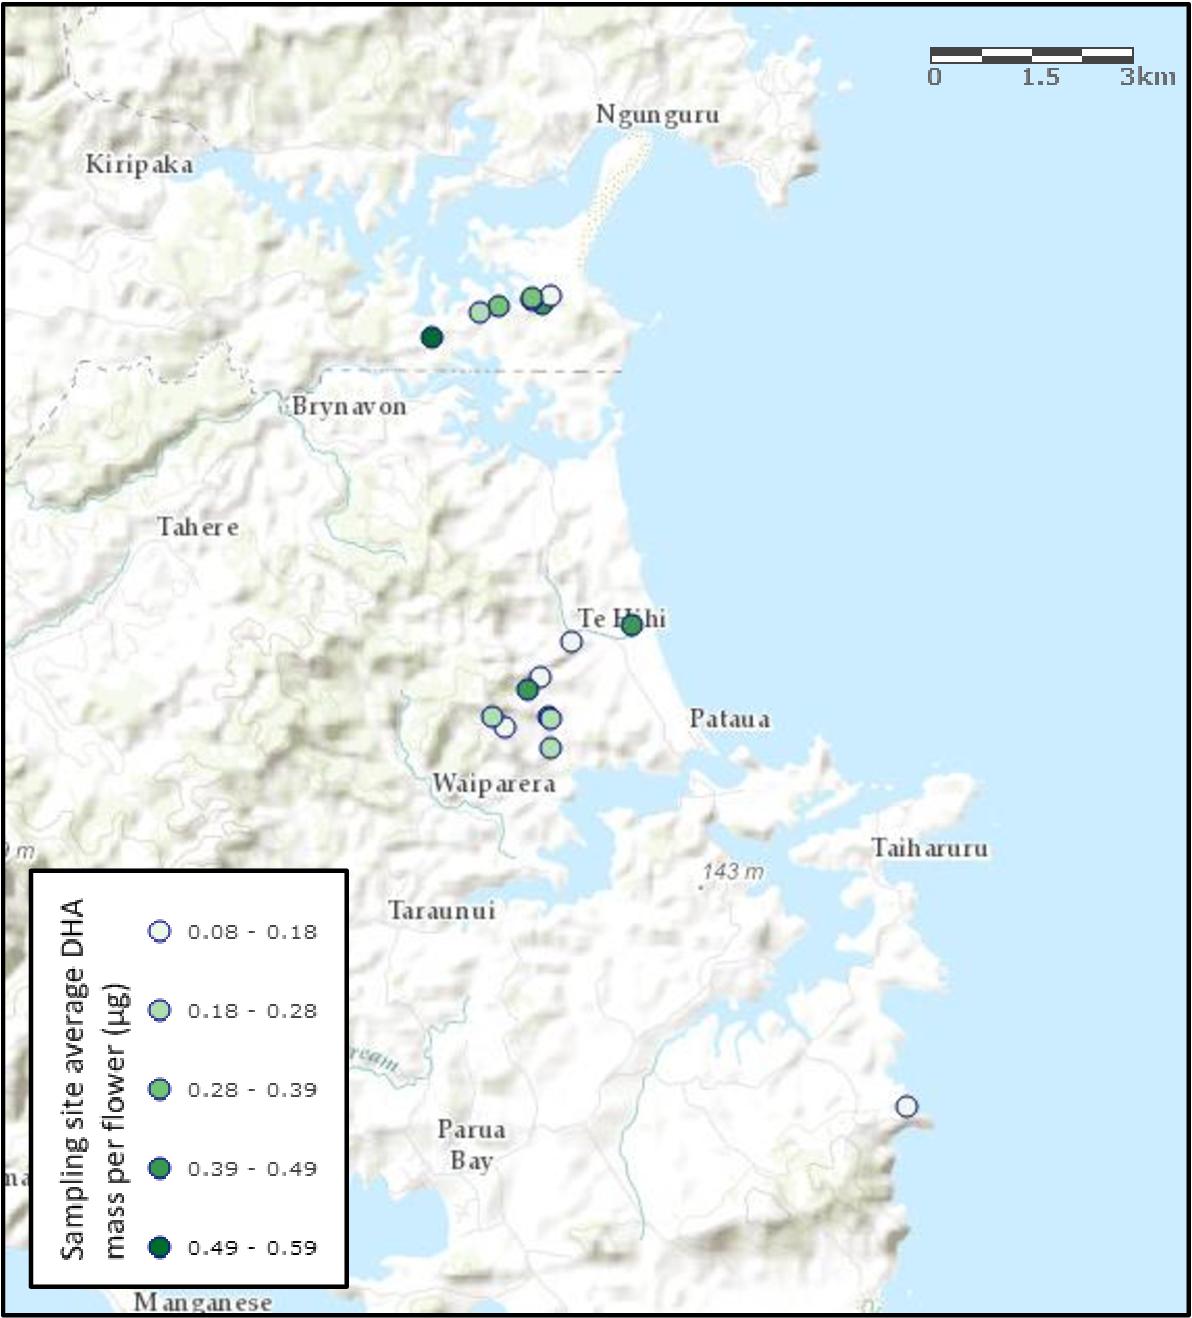 Figure 39: Manuka flower sampling s ites and associated av erage mass of DHA per f lower for each site.